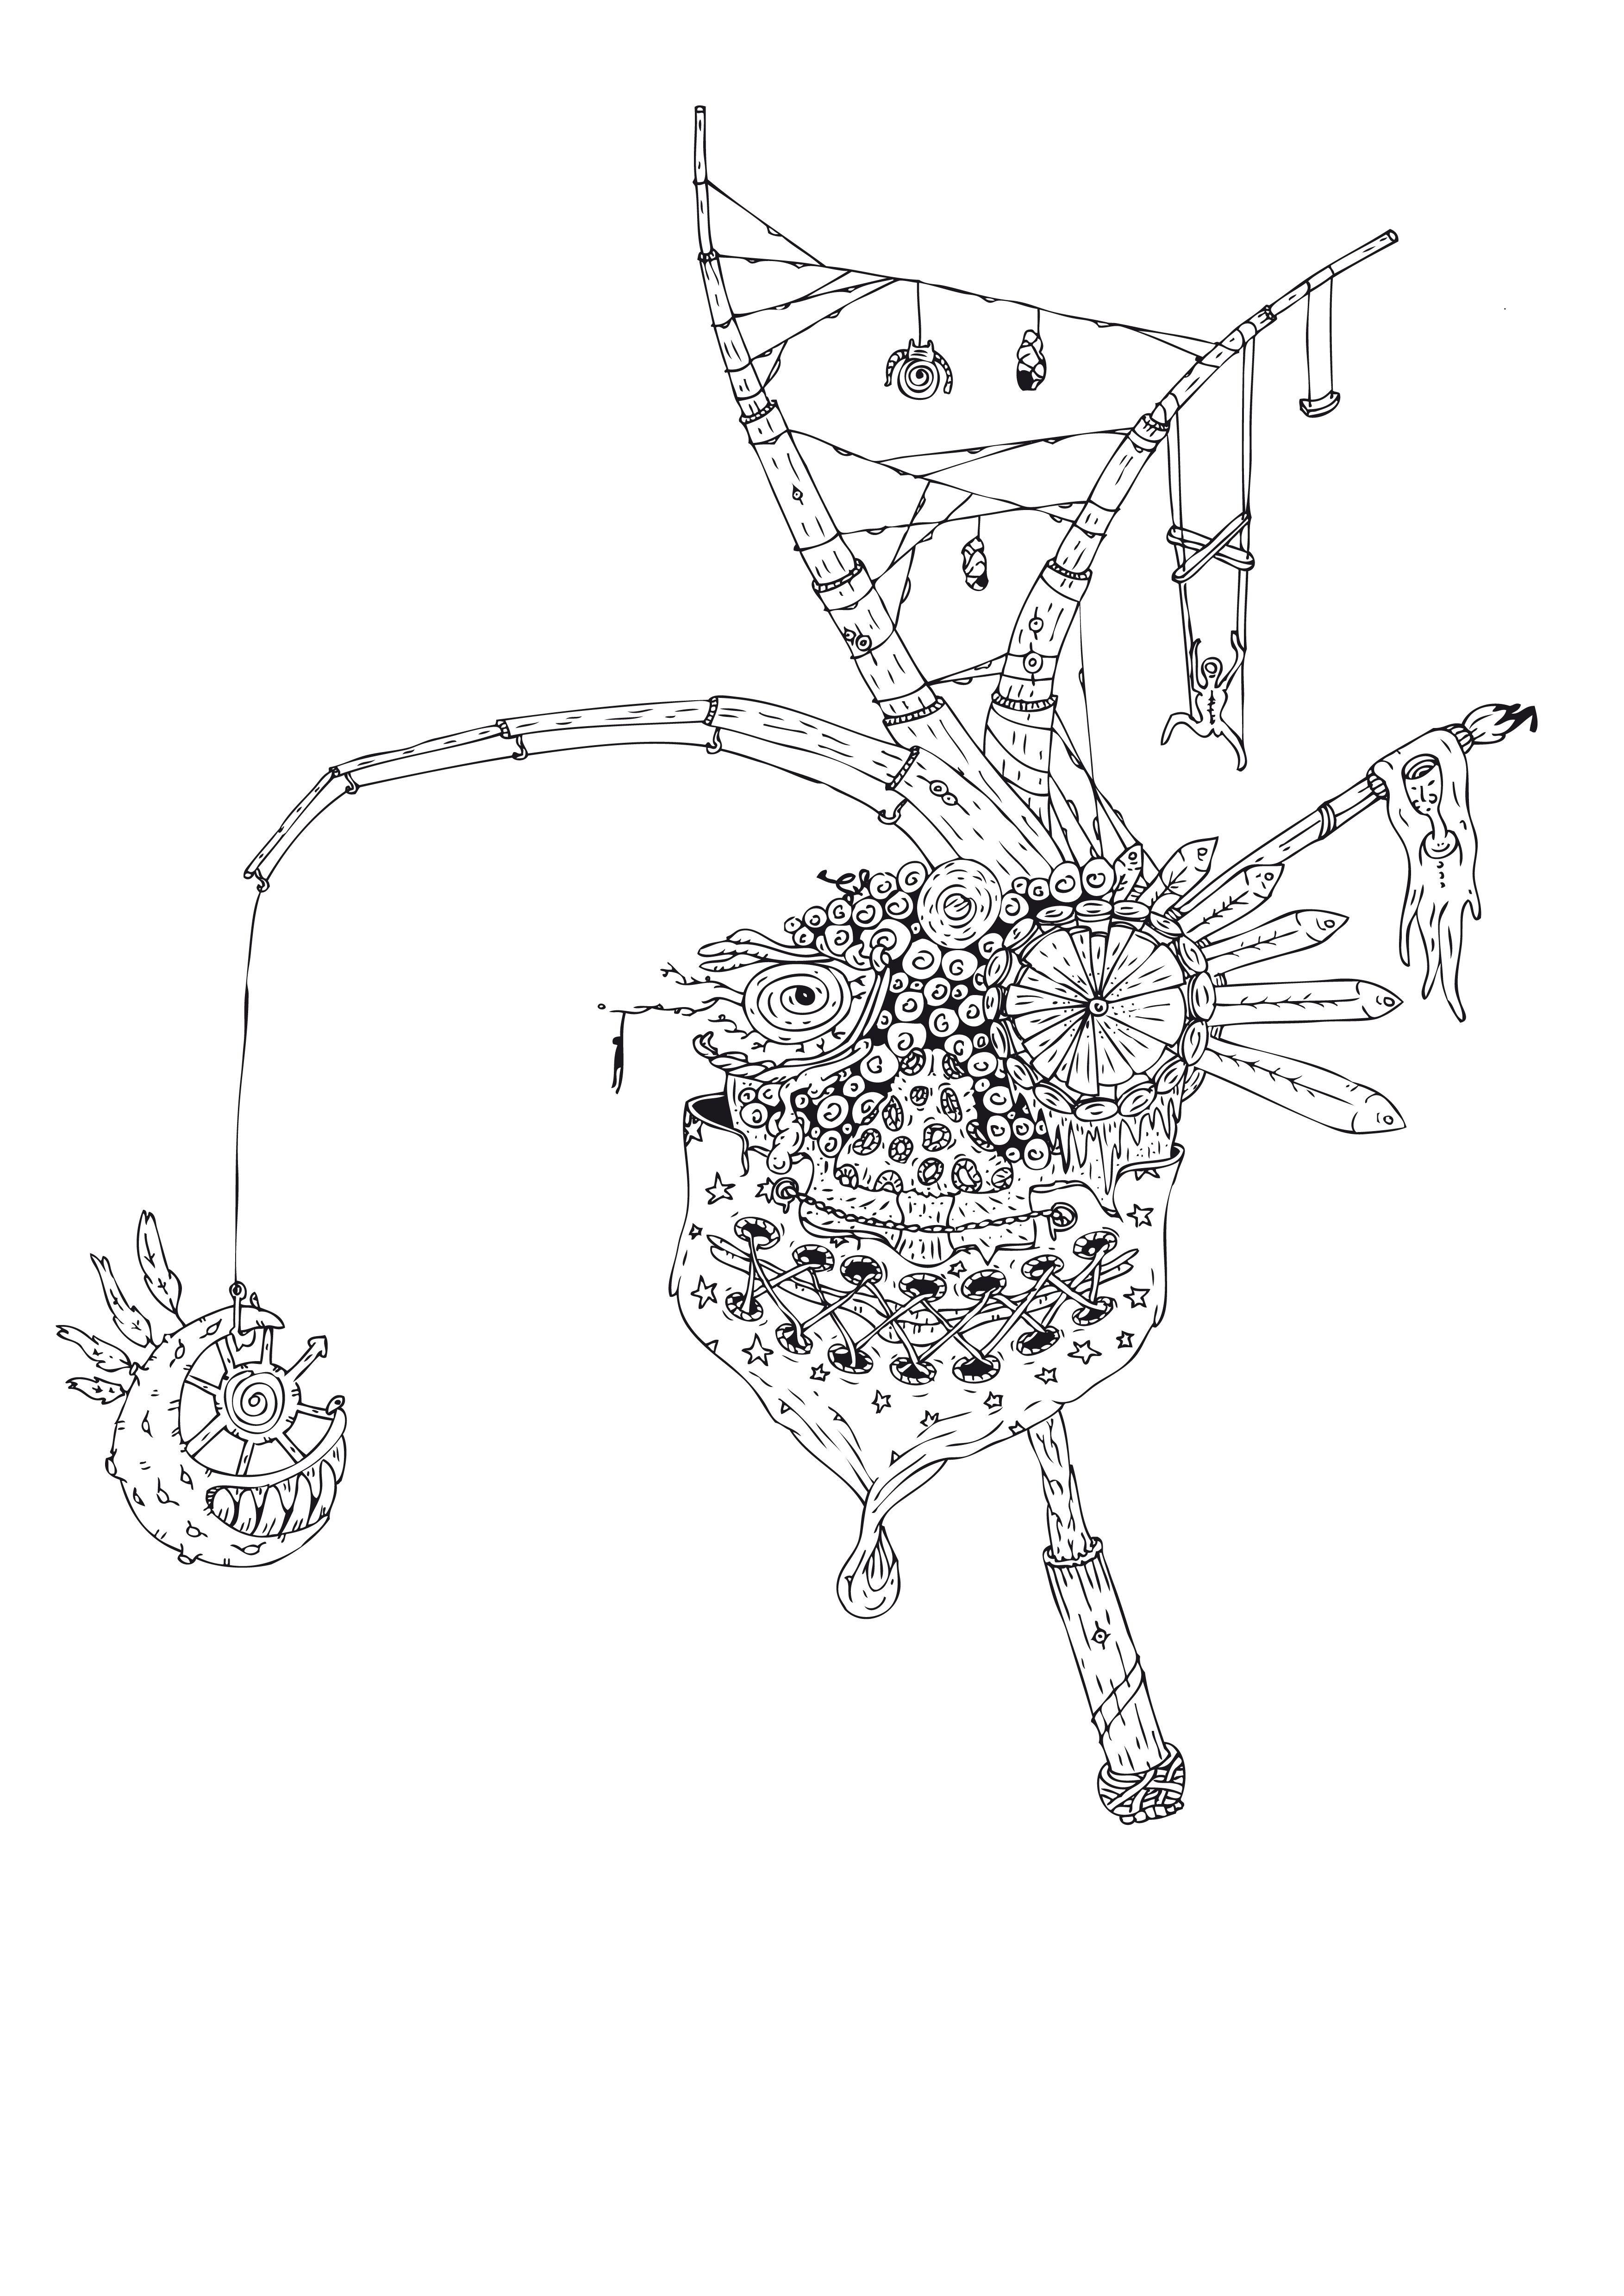 Hung Carusel // Sii fossi matto, riserverei lo sdegno a 'sto mondo; se non lo fossi, forse mi augurerei fosse un sogno; di certo soffro, rinnego ogni ricordo e ripiego nel sonno  a cui ogni ogni giorno mi auguro il ritorno. #carusel #game #art #treep #fallindropdesign #mask